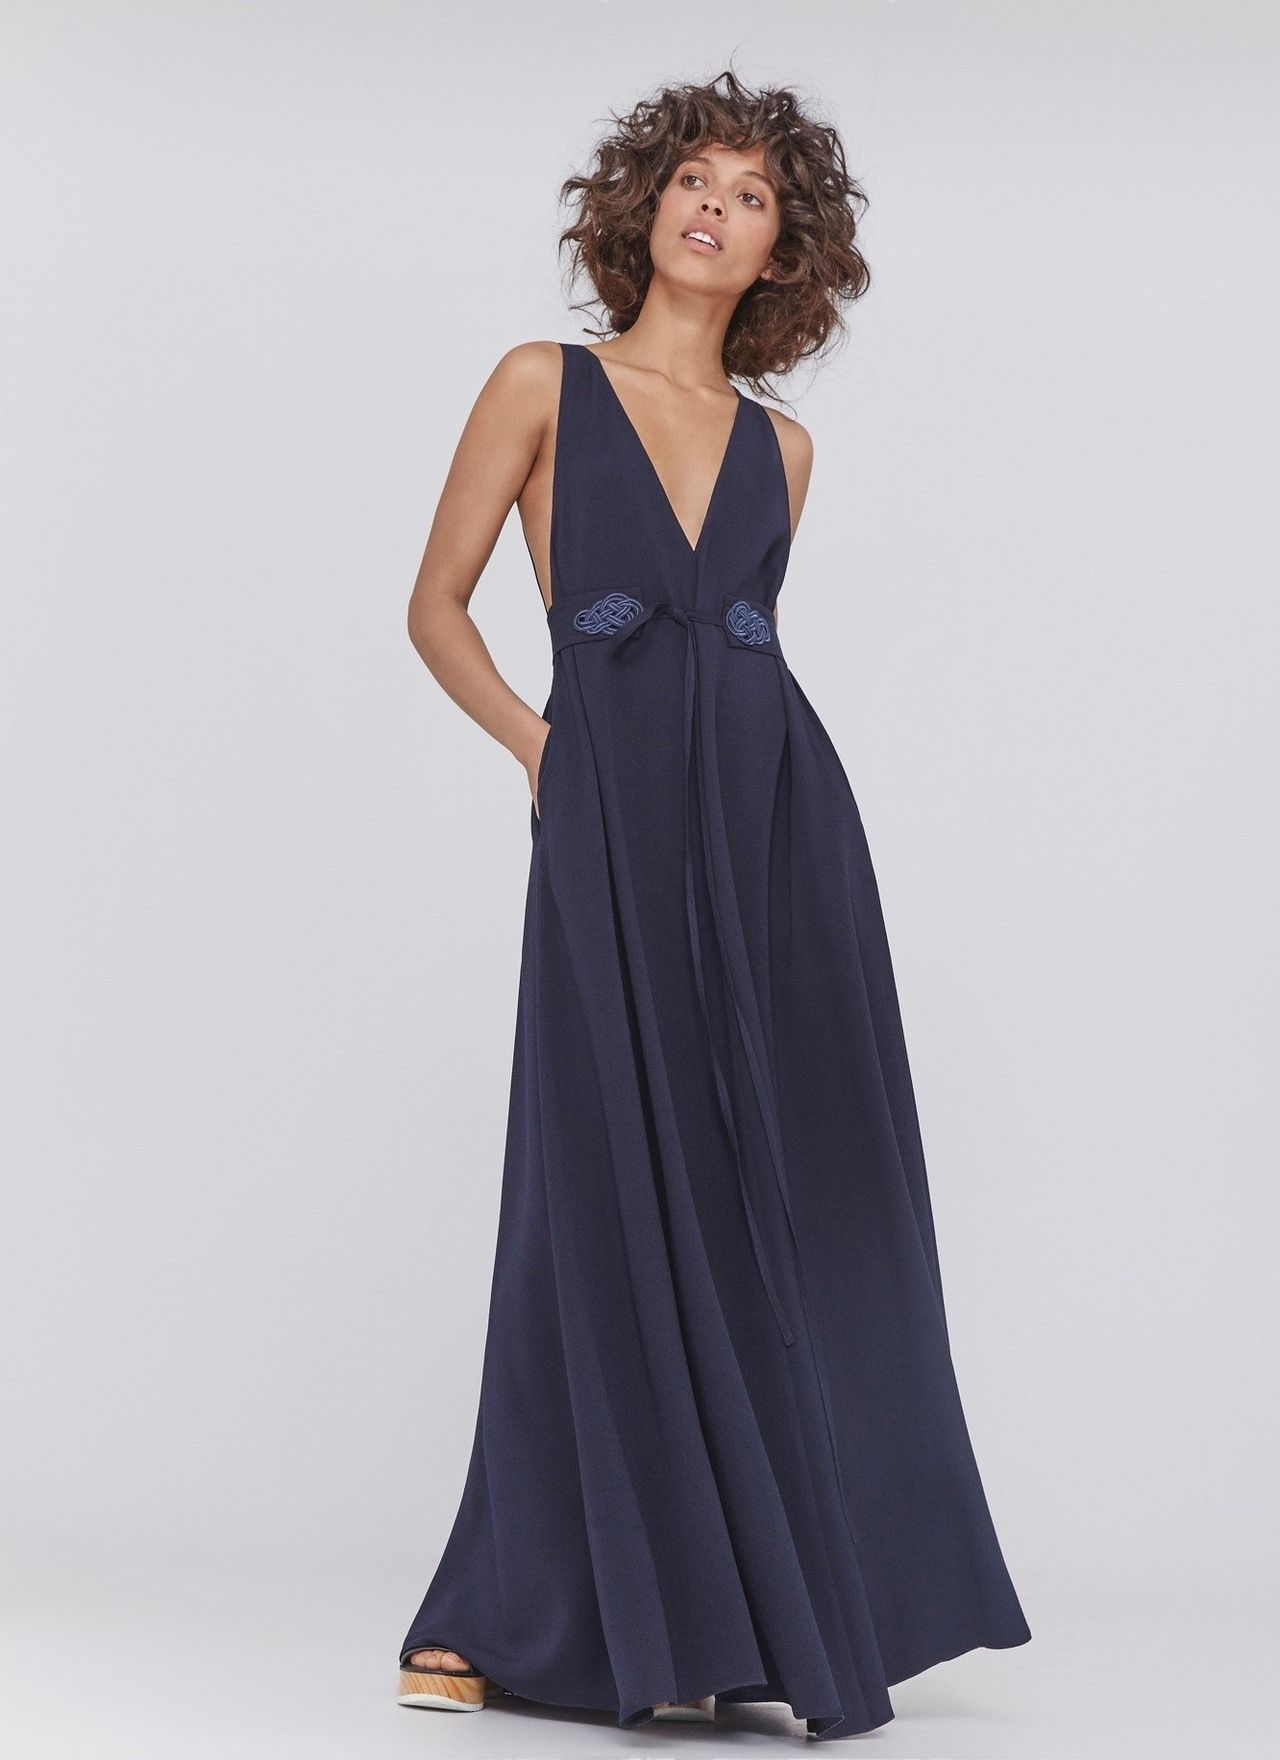 Vestido largo con espalada al aire vestidos adolfo for Vestidos adolfo dominguez outlet online